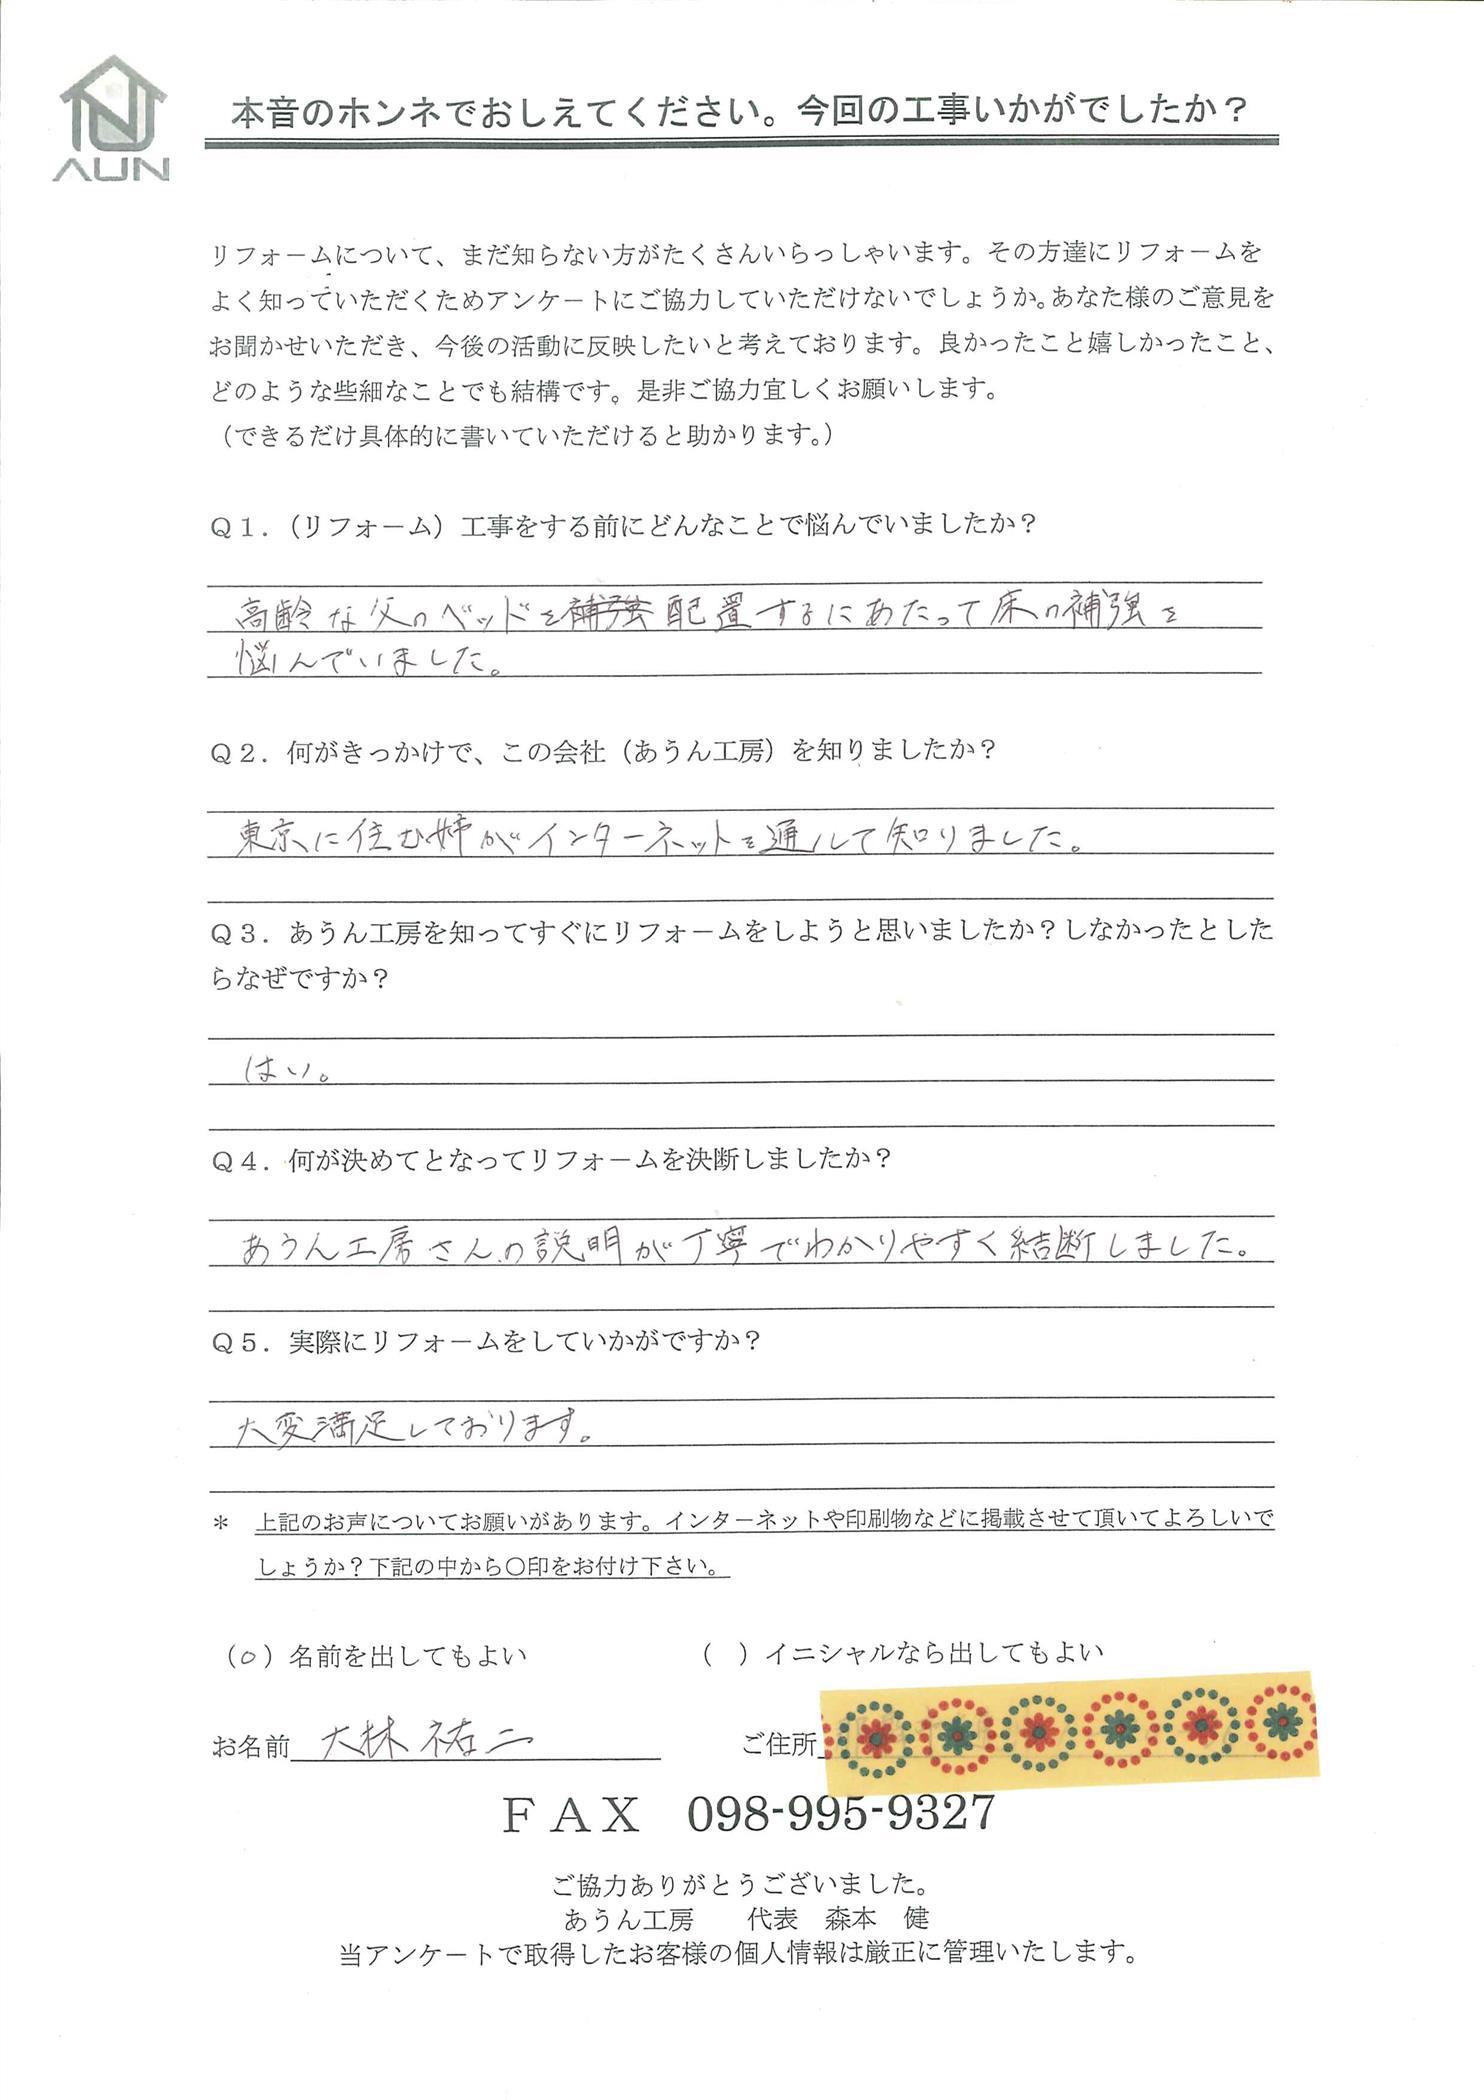 沖縄・那覇のリフォーム 実際のアンケートの画像:高齢の父のベットを配置するにあたって床の補強を悩んでいた